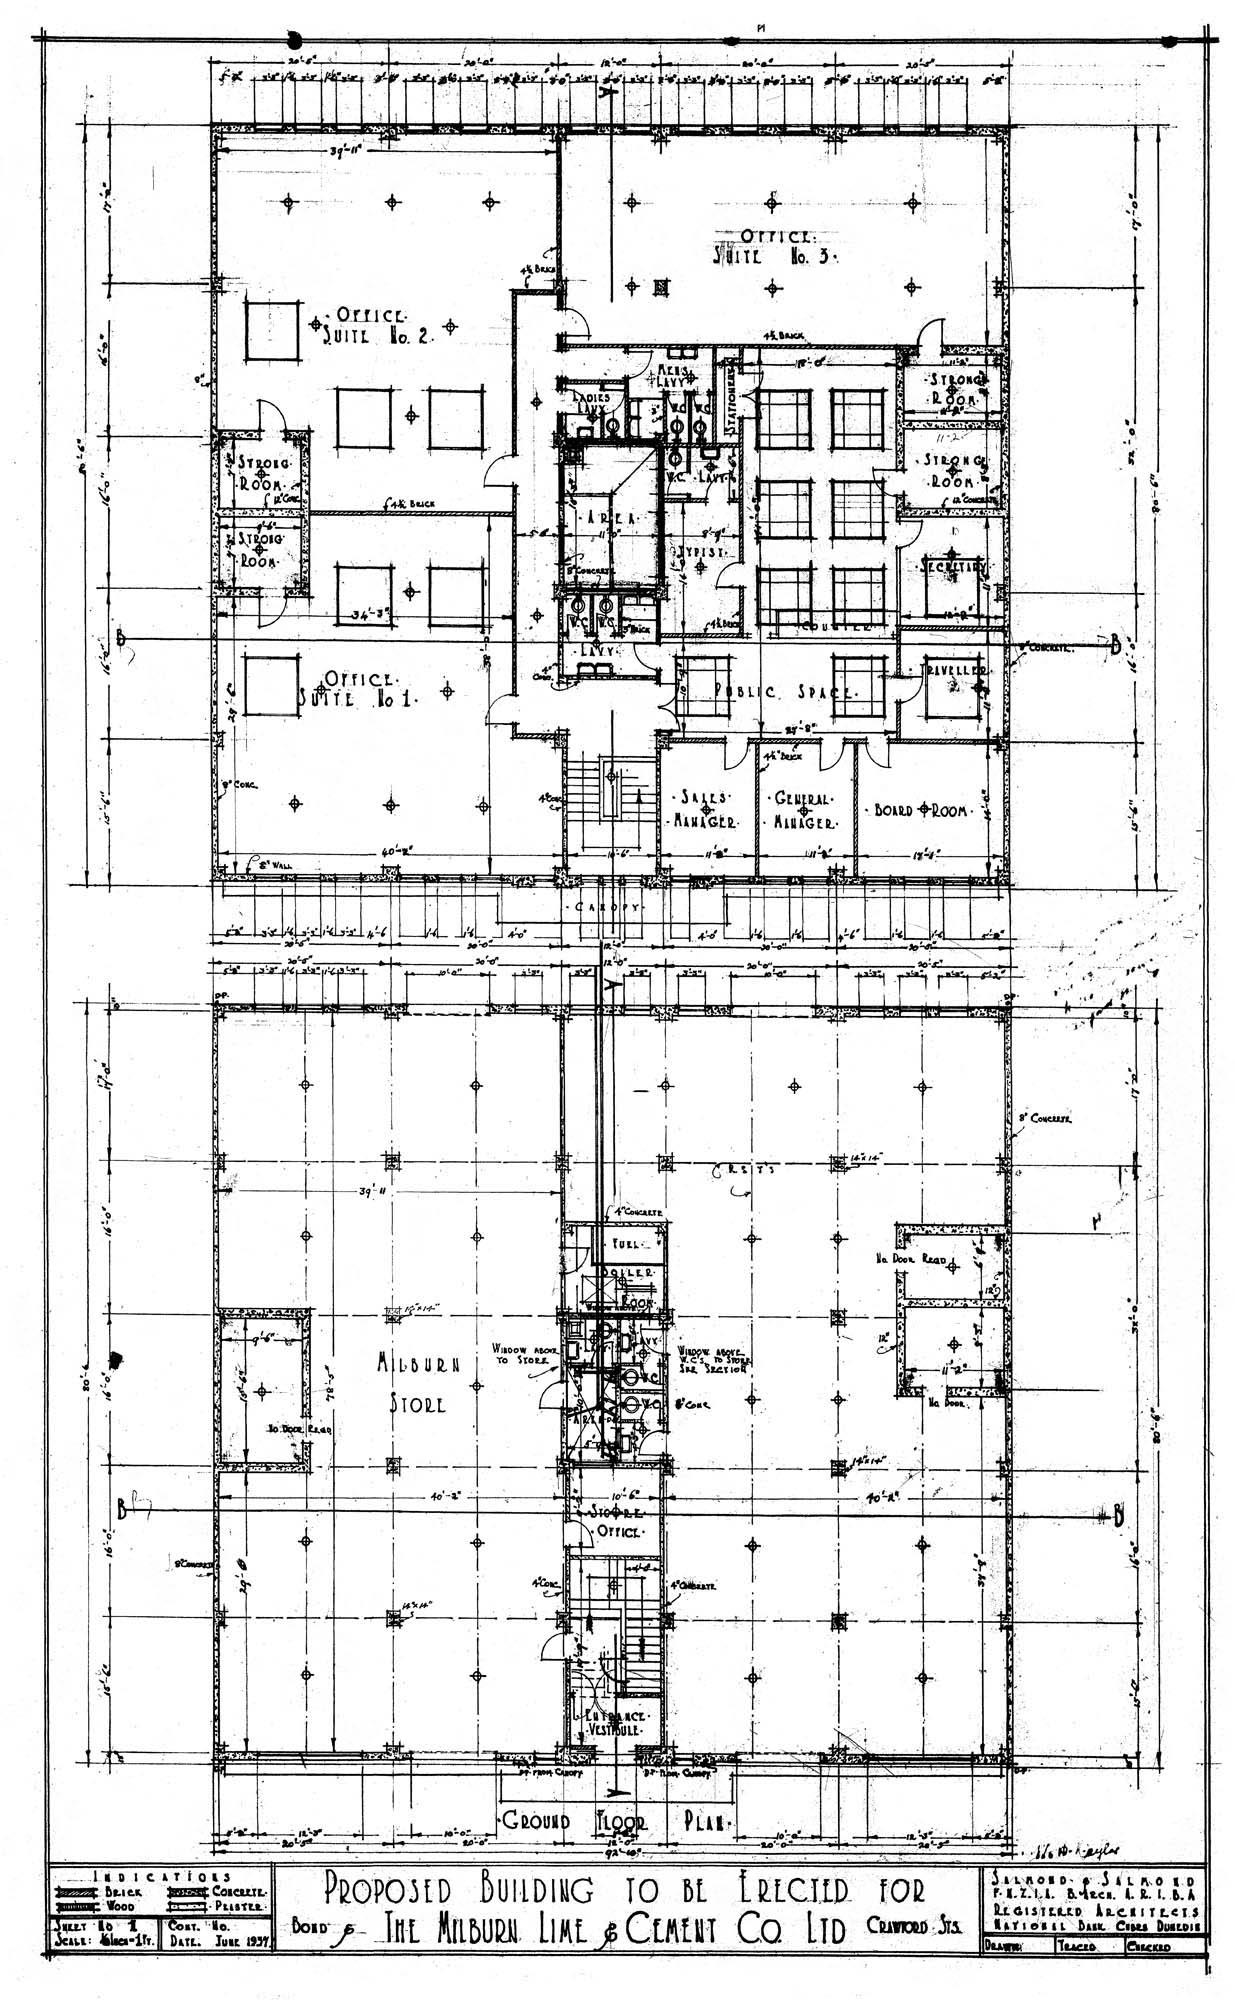 James Louis Salmond Built In Dunedin Rimu Schematic Floor Plans Dated June 1937